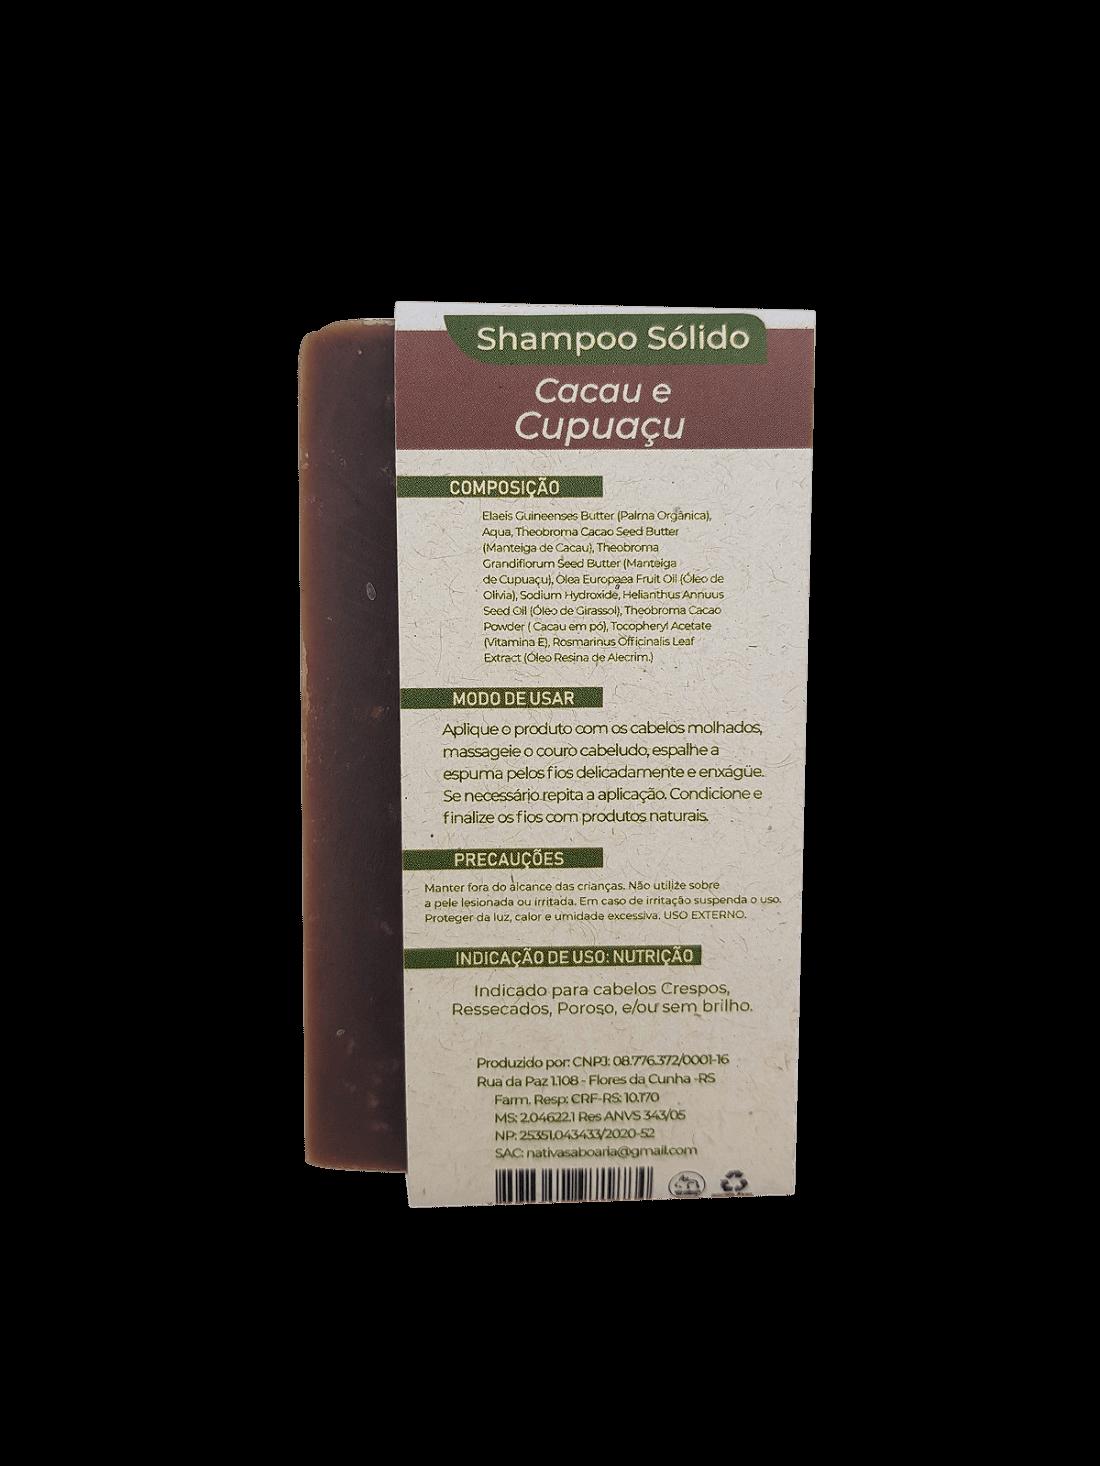 Shampoo Sólido - Cacau e Cupuaçu  - Saboaria Nativa Ecocosméticos